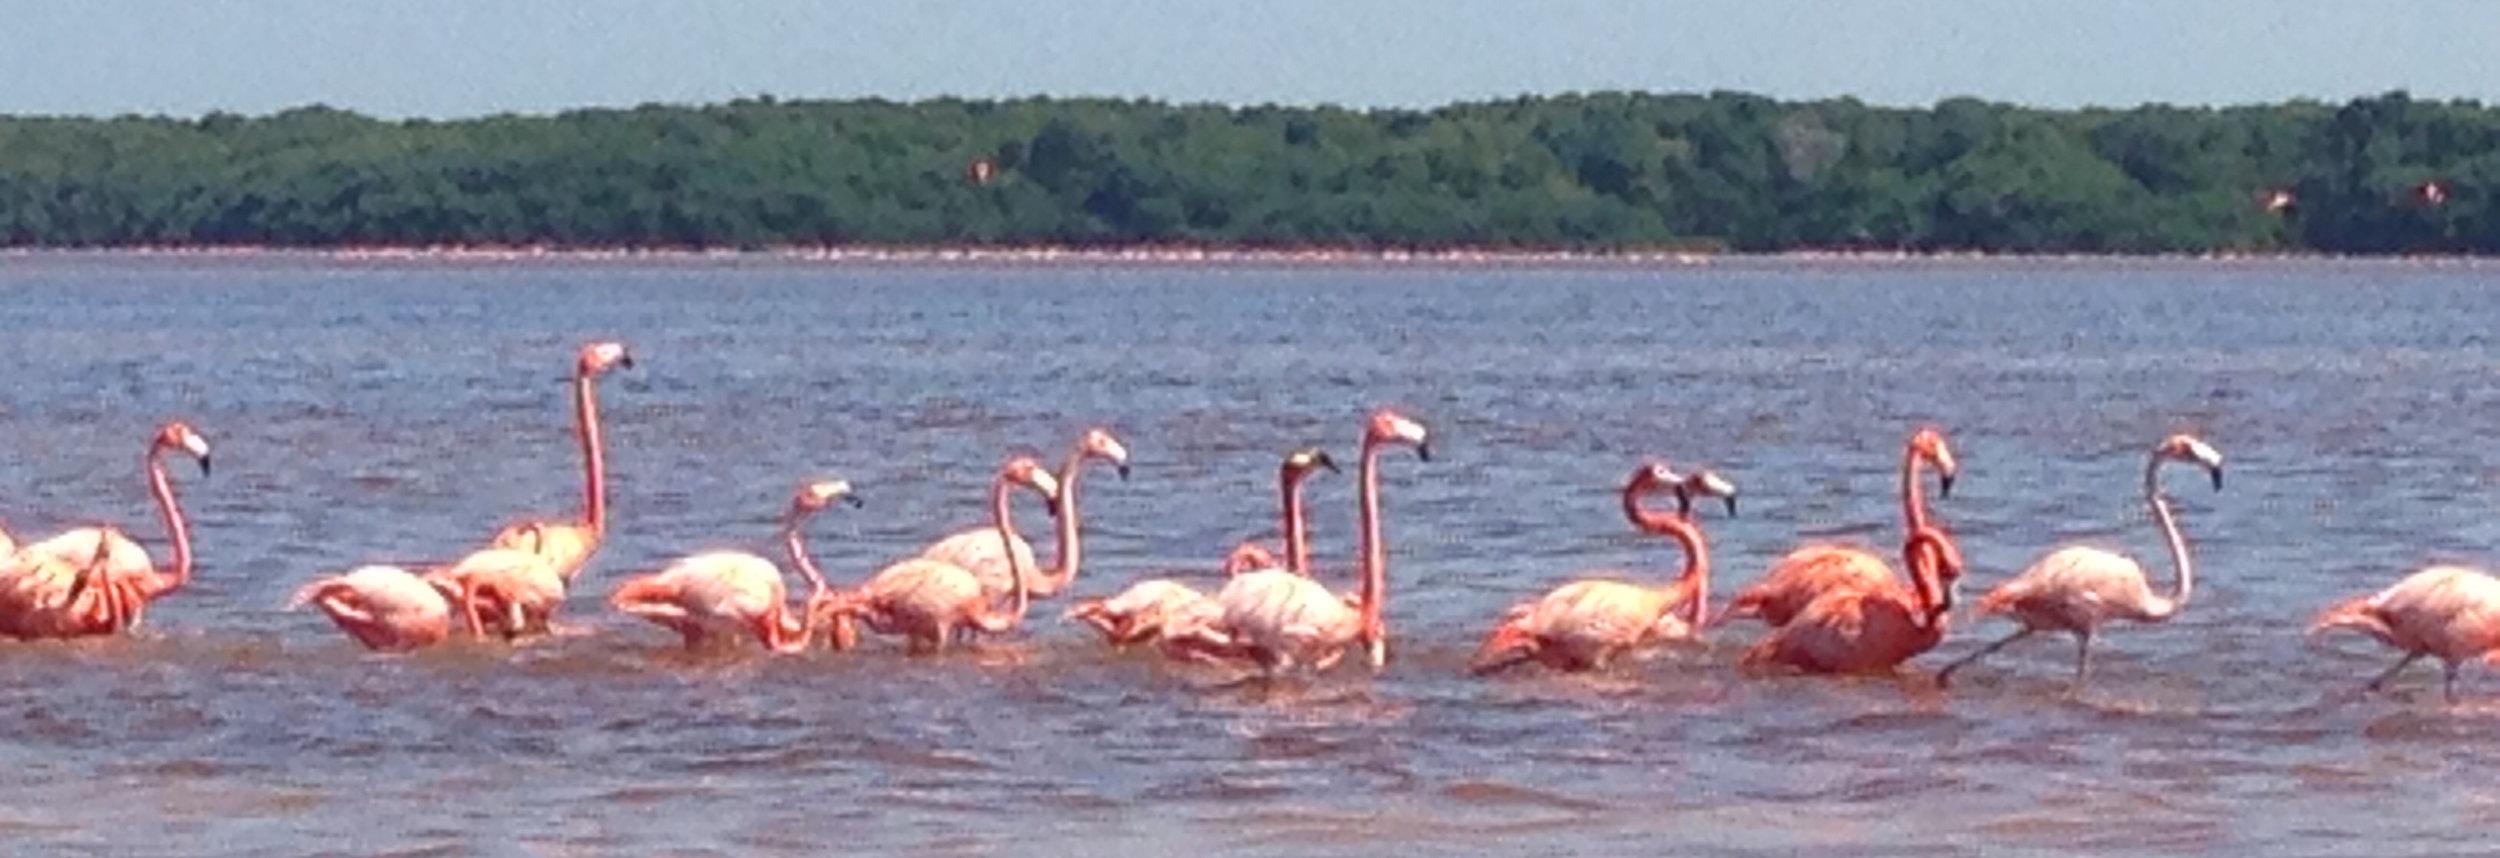 Flamingos in Ria de Celestun, Yucatan, Mexico